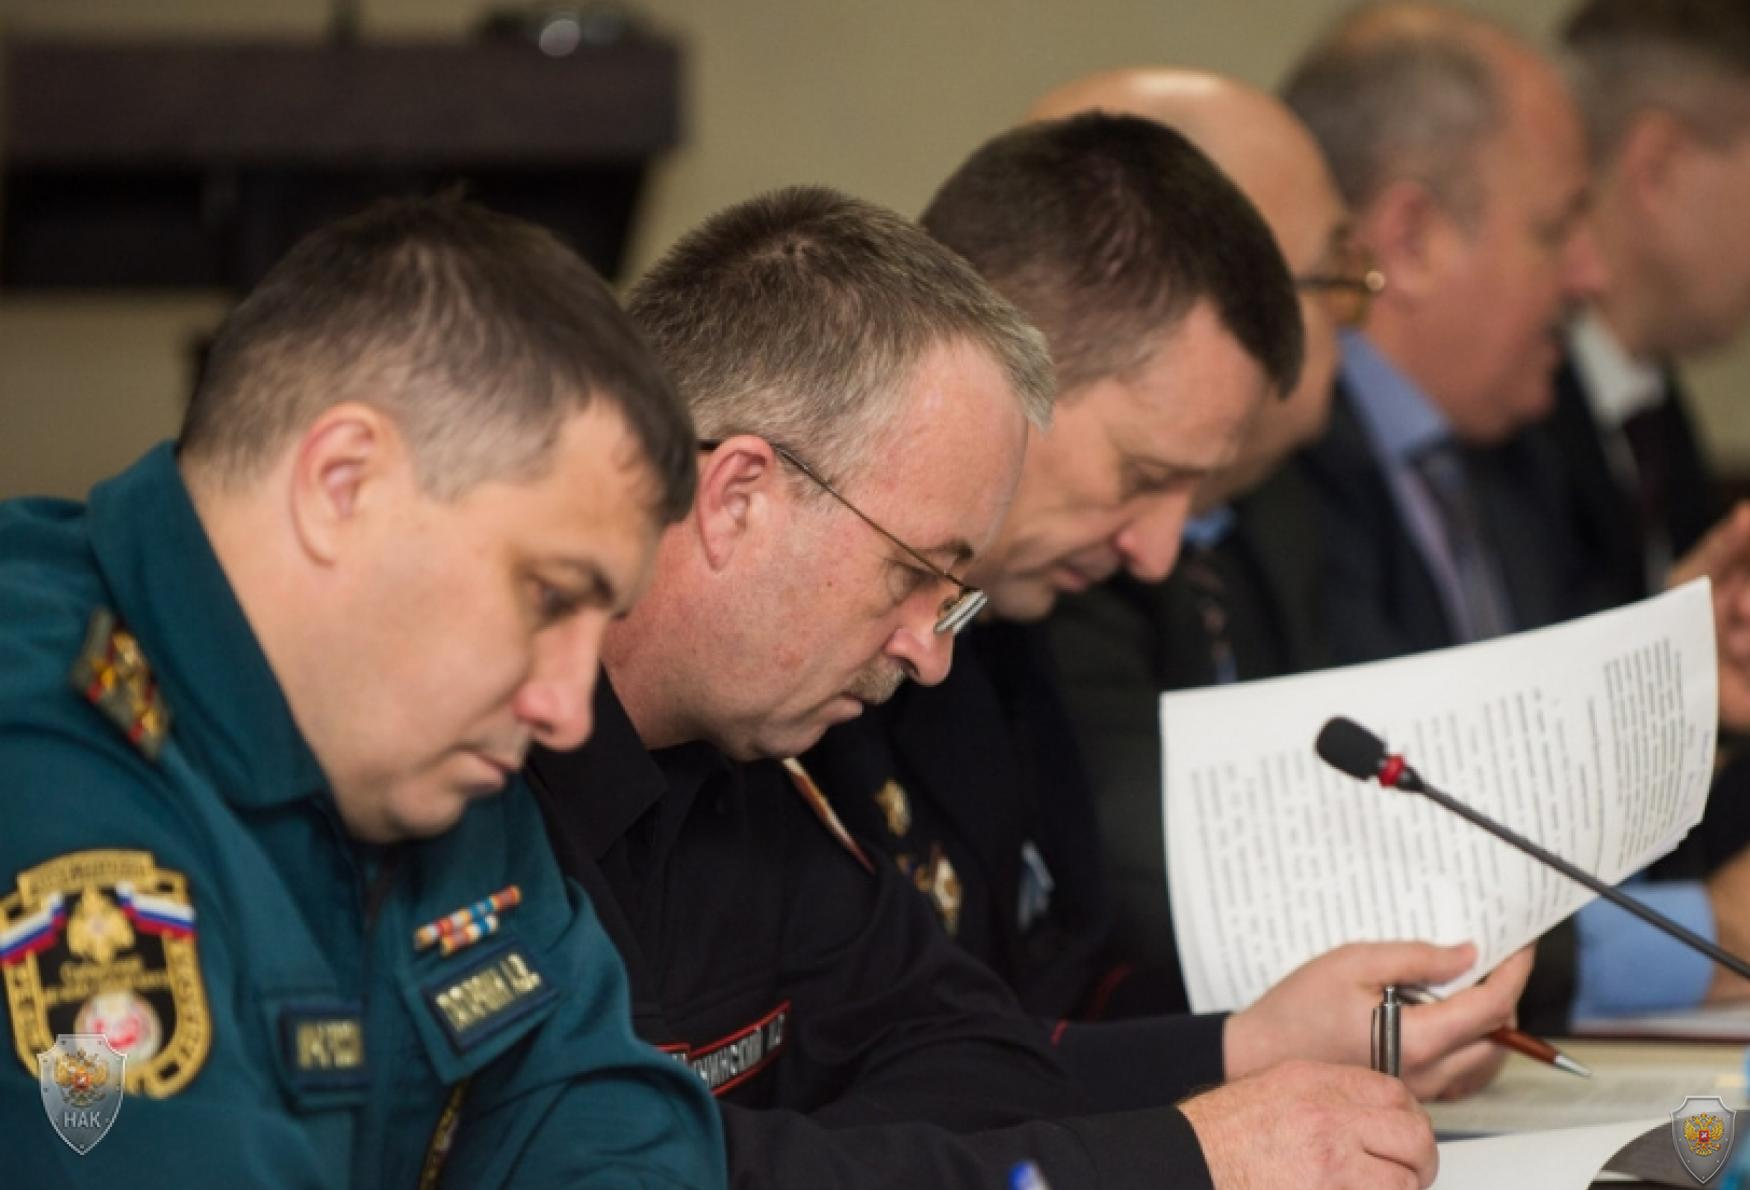 Проведено заседание  антитеррористической комиссии  и оперативного штаба в Республике Хакасия